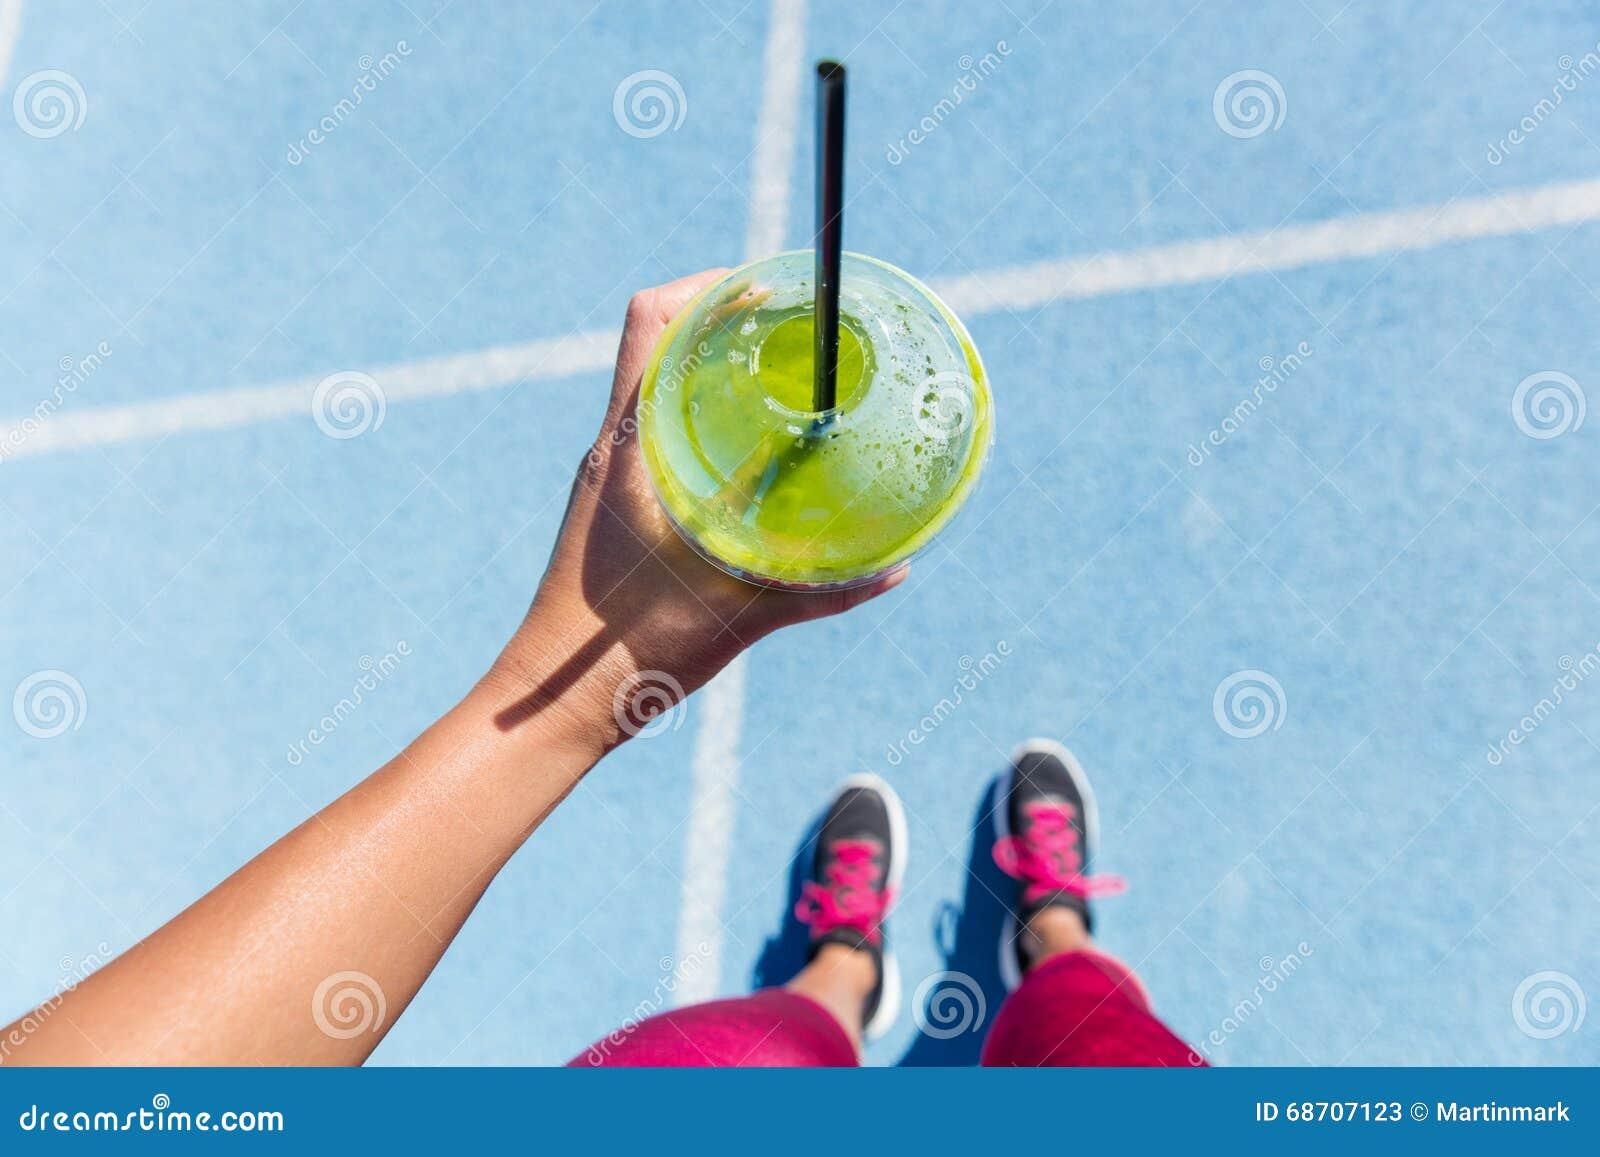 Corredor que bebe um batido verde na pista de atletismo